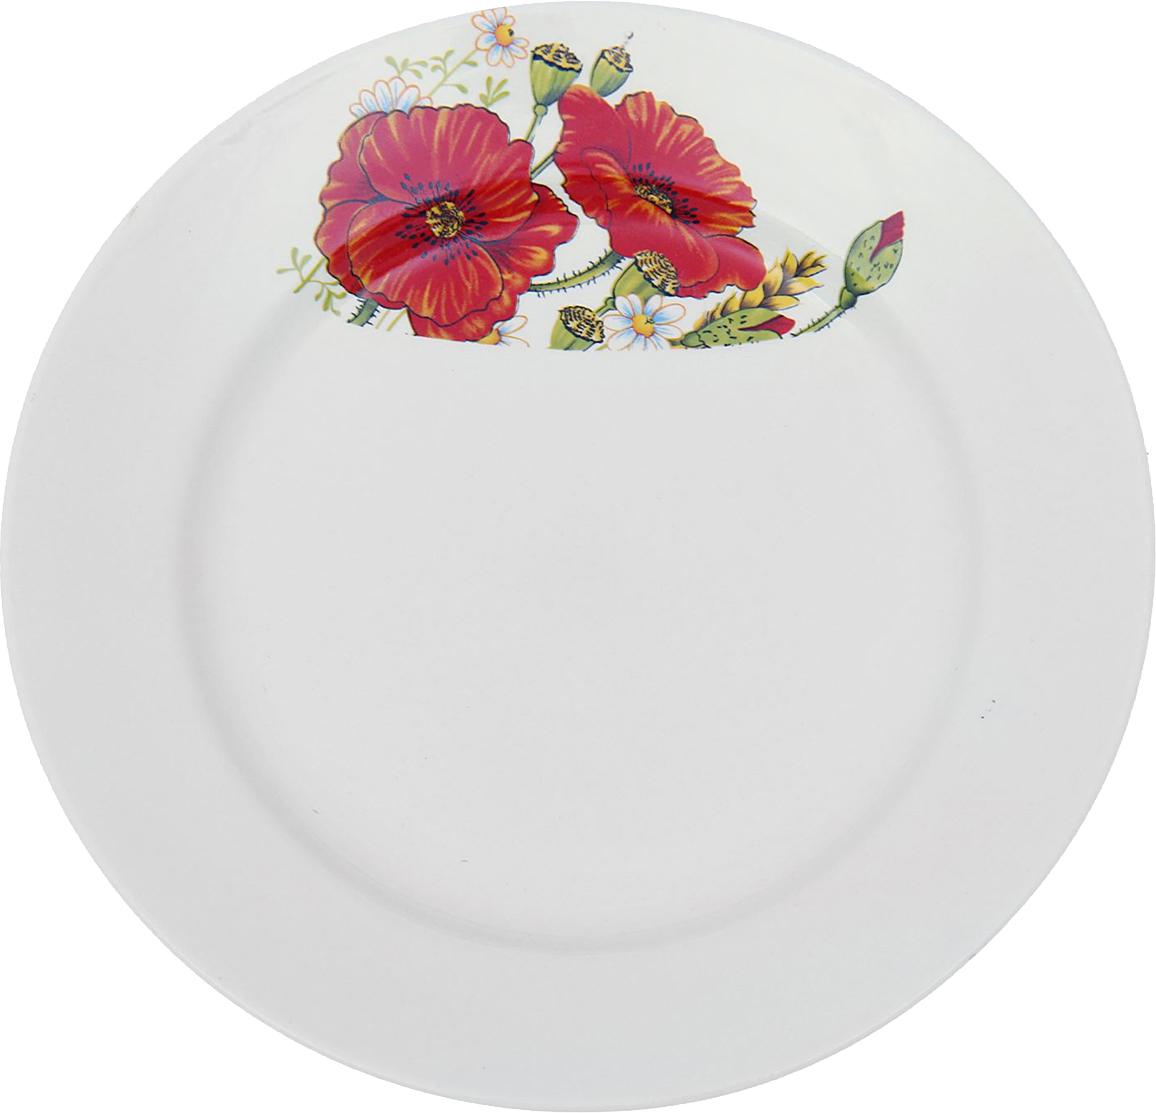 Тарелка мелкая Керамика ручной работы Красный мак, диаметр 20 см1821312Данная тарелка понравится любителям вкусной и полезной домашней пищи. Такая посуда практична и красива, в ней можно хранить и подавать разнообразные блюда. При многократном использовании изделие сохранит свой вид и выдержит мытье в посудомоечной машине.В керамической емкости горячая пища долго сохраняет свое тепло, остуженные блюда остаются прохладными.Изделие не выделяет вредных веществ при нагревании и длительном хранении за счет экологичности материала.